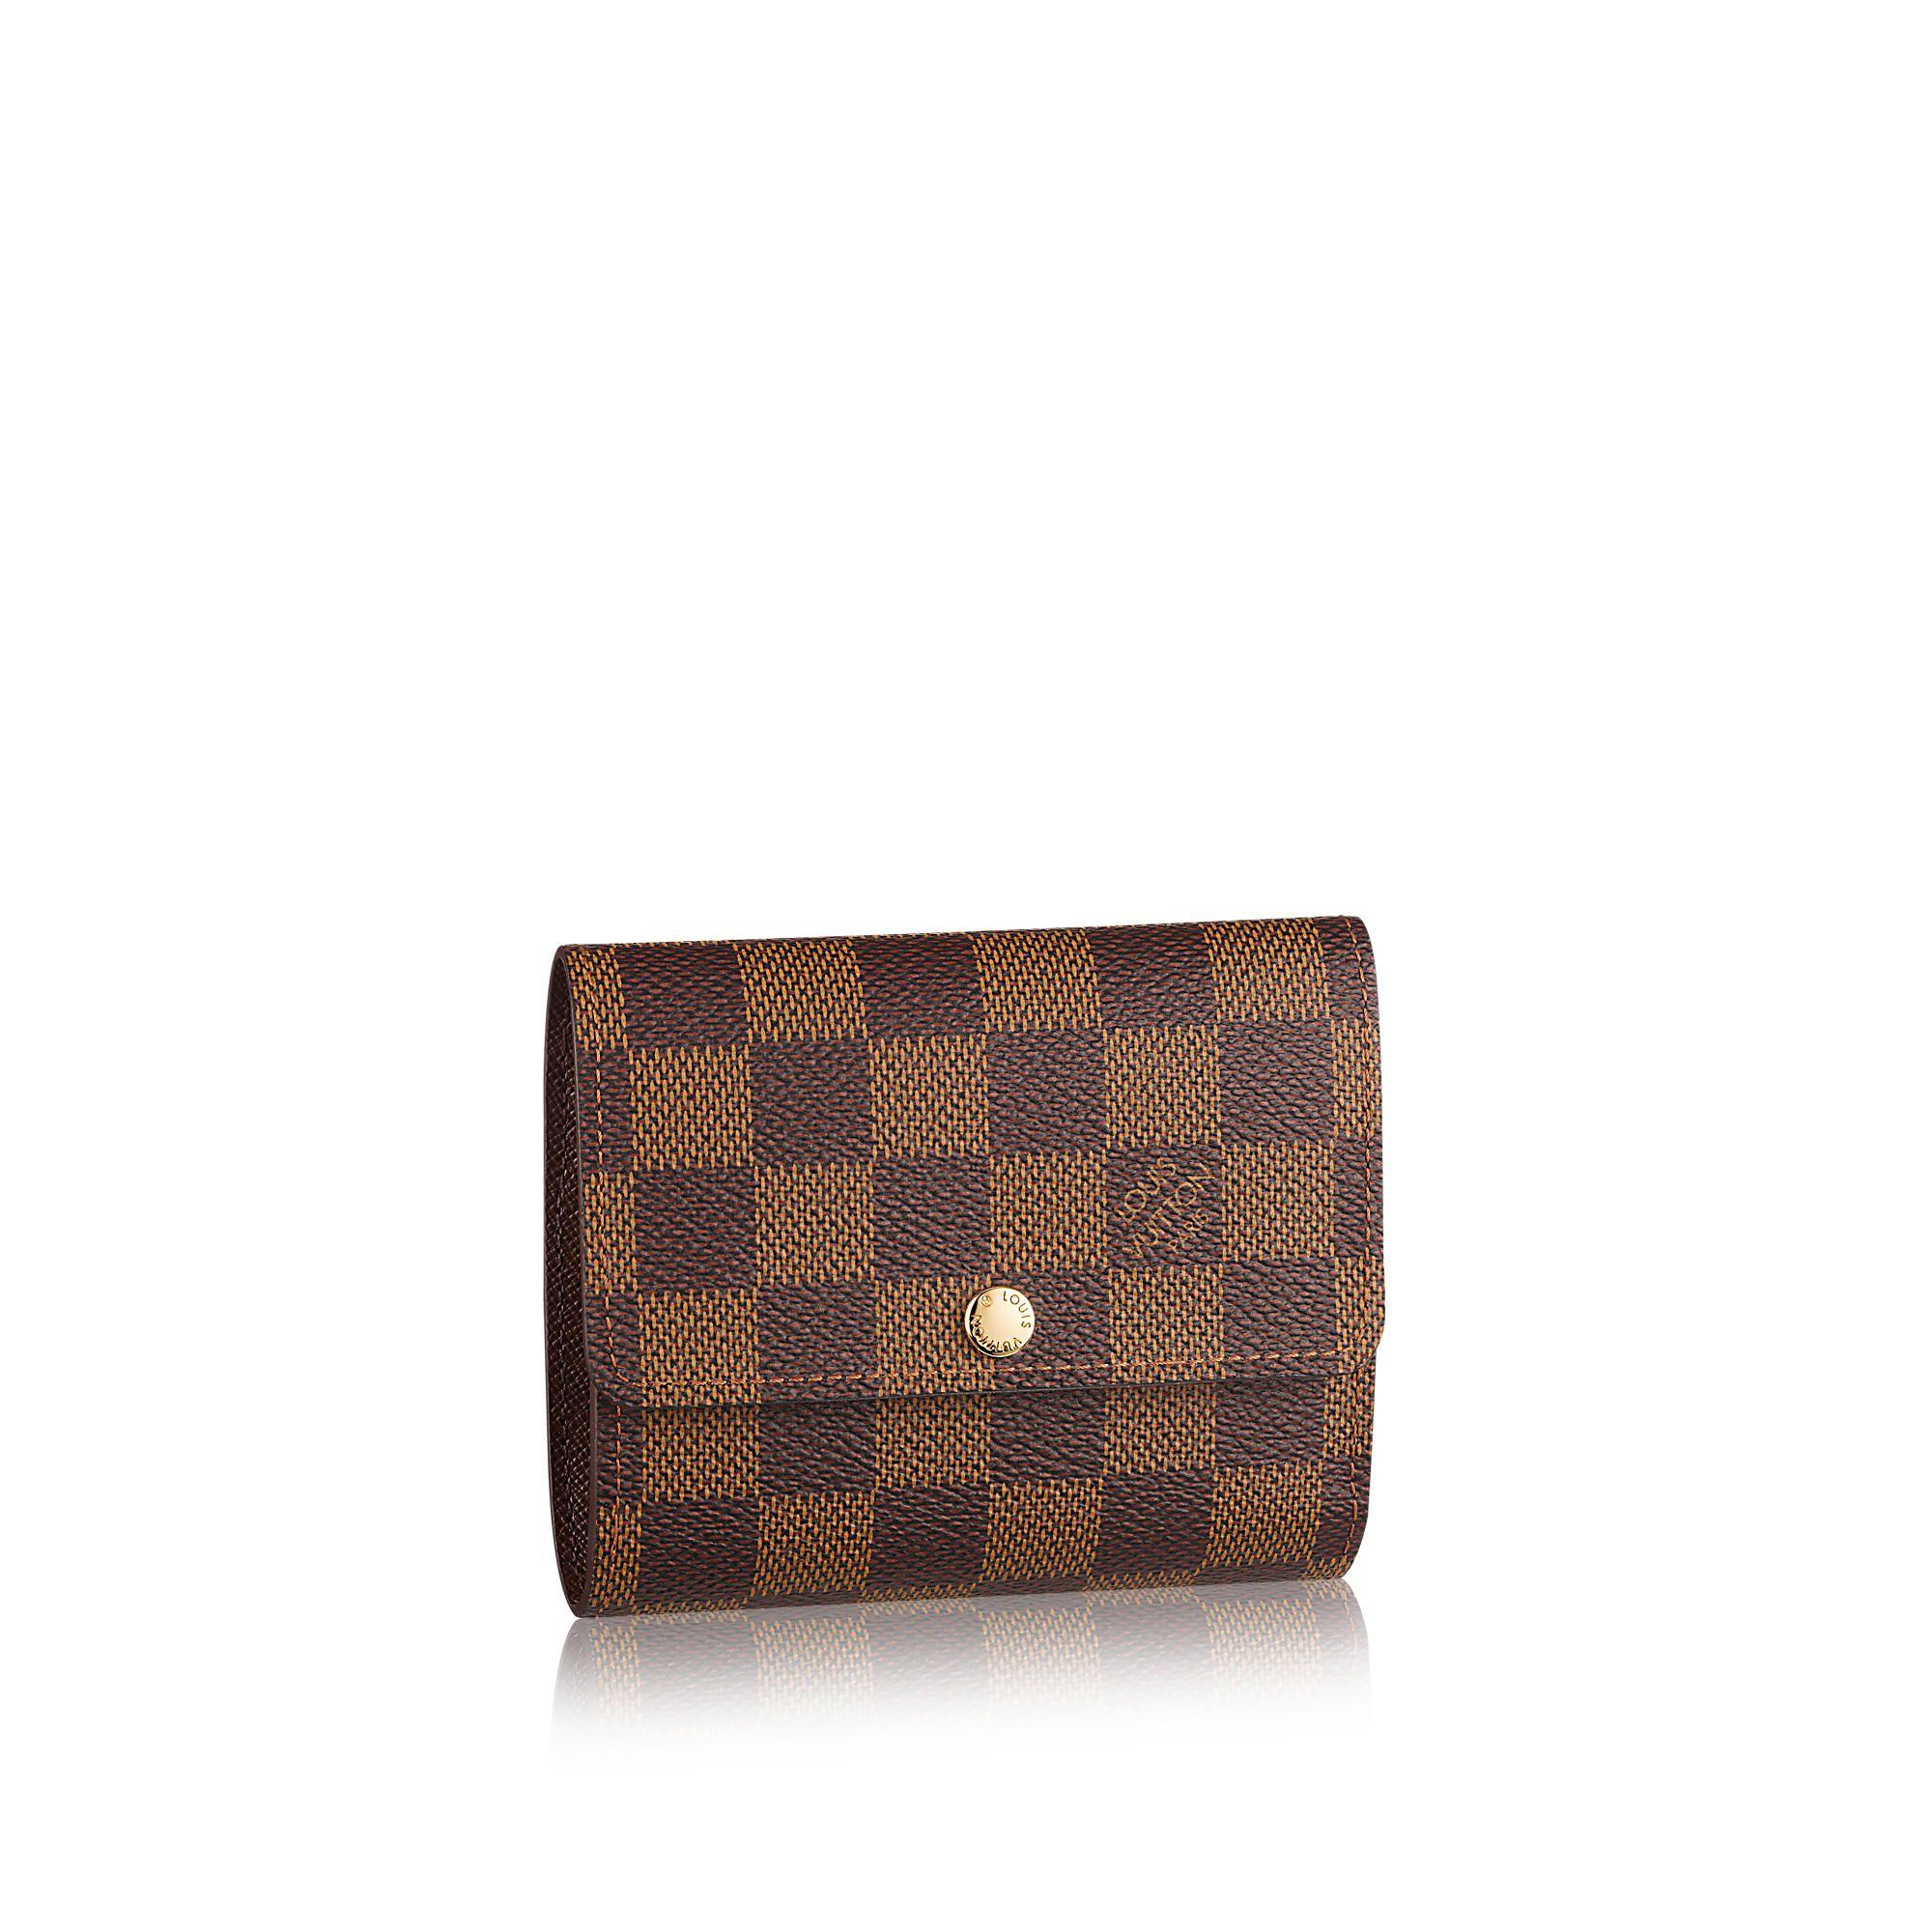 Discover Louis Vuitton Anais Wallet via Louis Vuitton